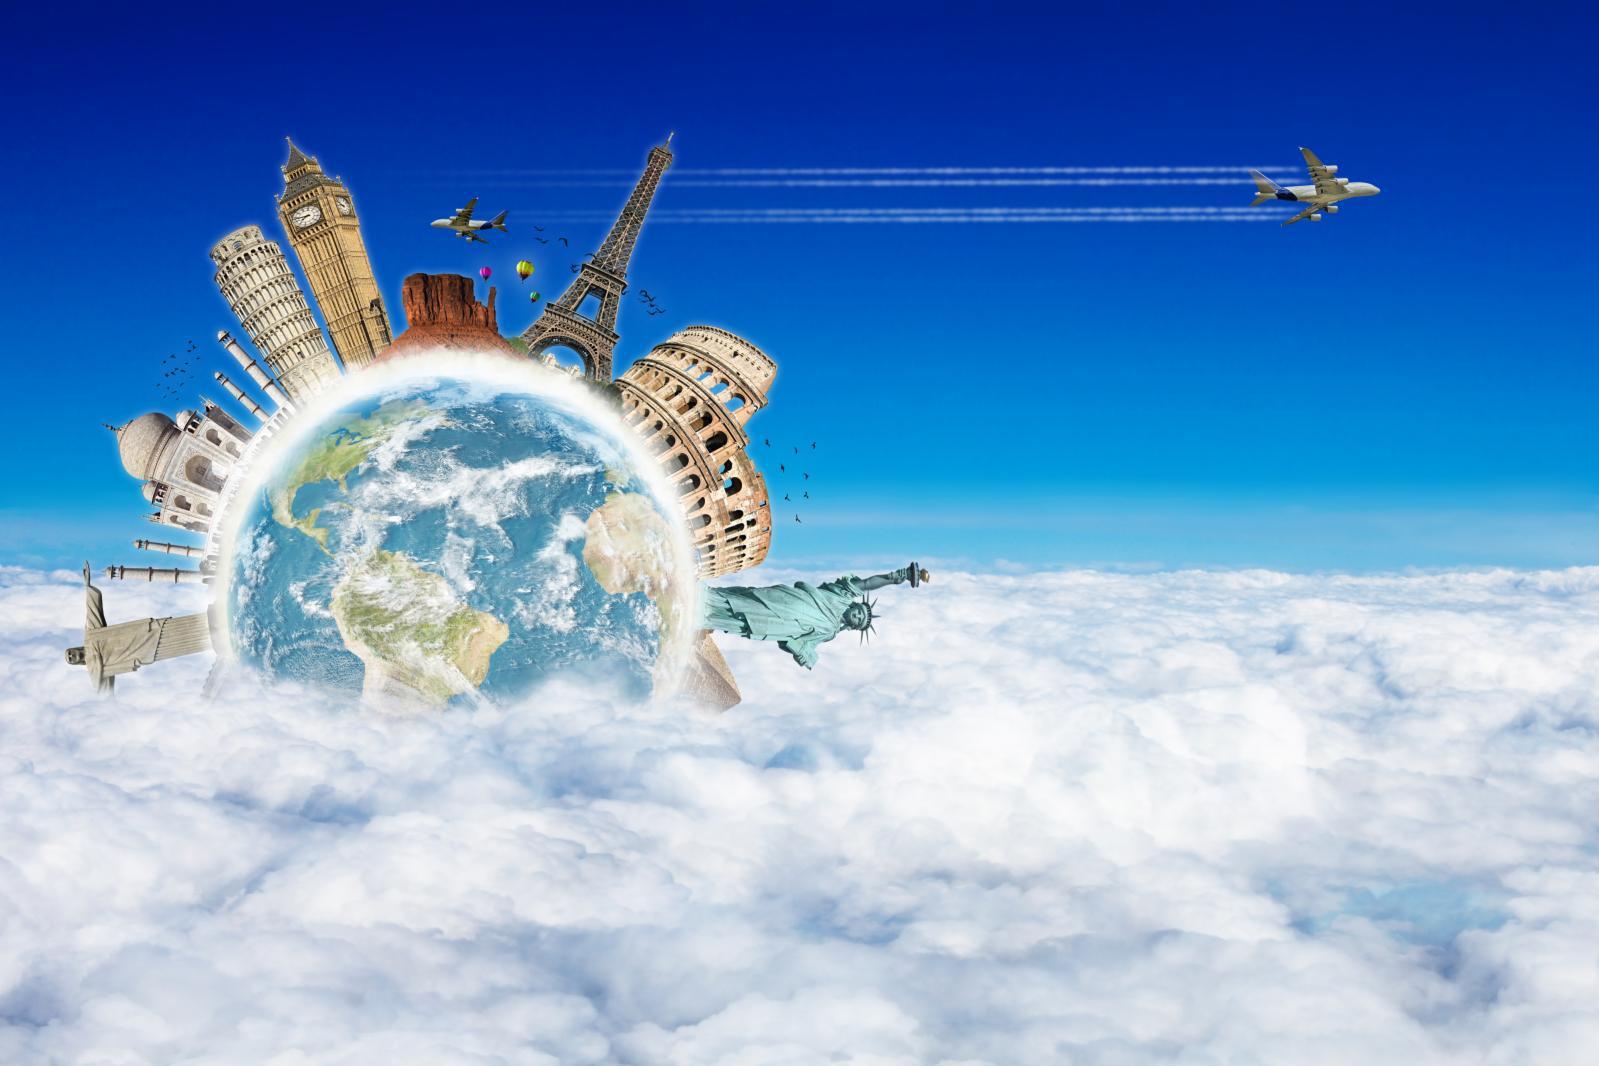 企业跨境电商平台服务解决方案,跨境电商贸易业务框架搭建运维